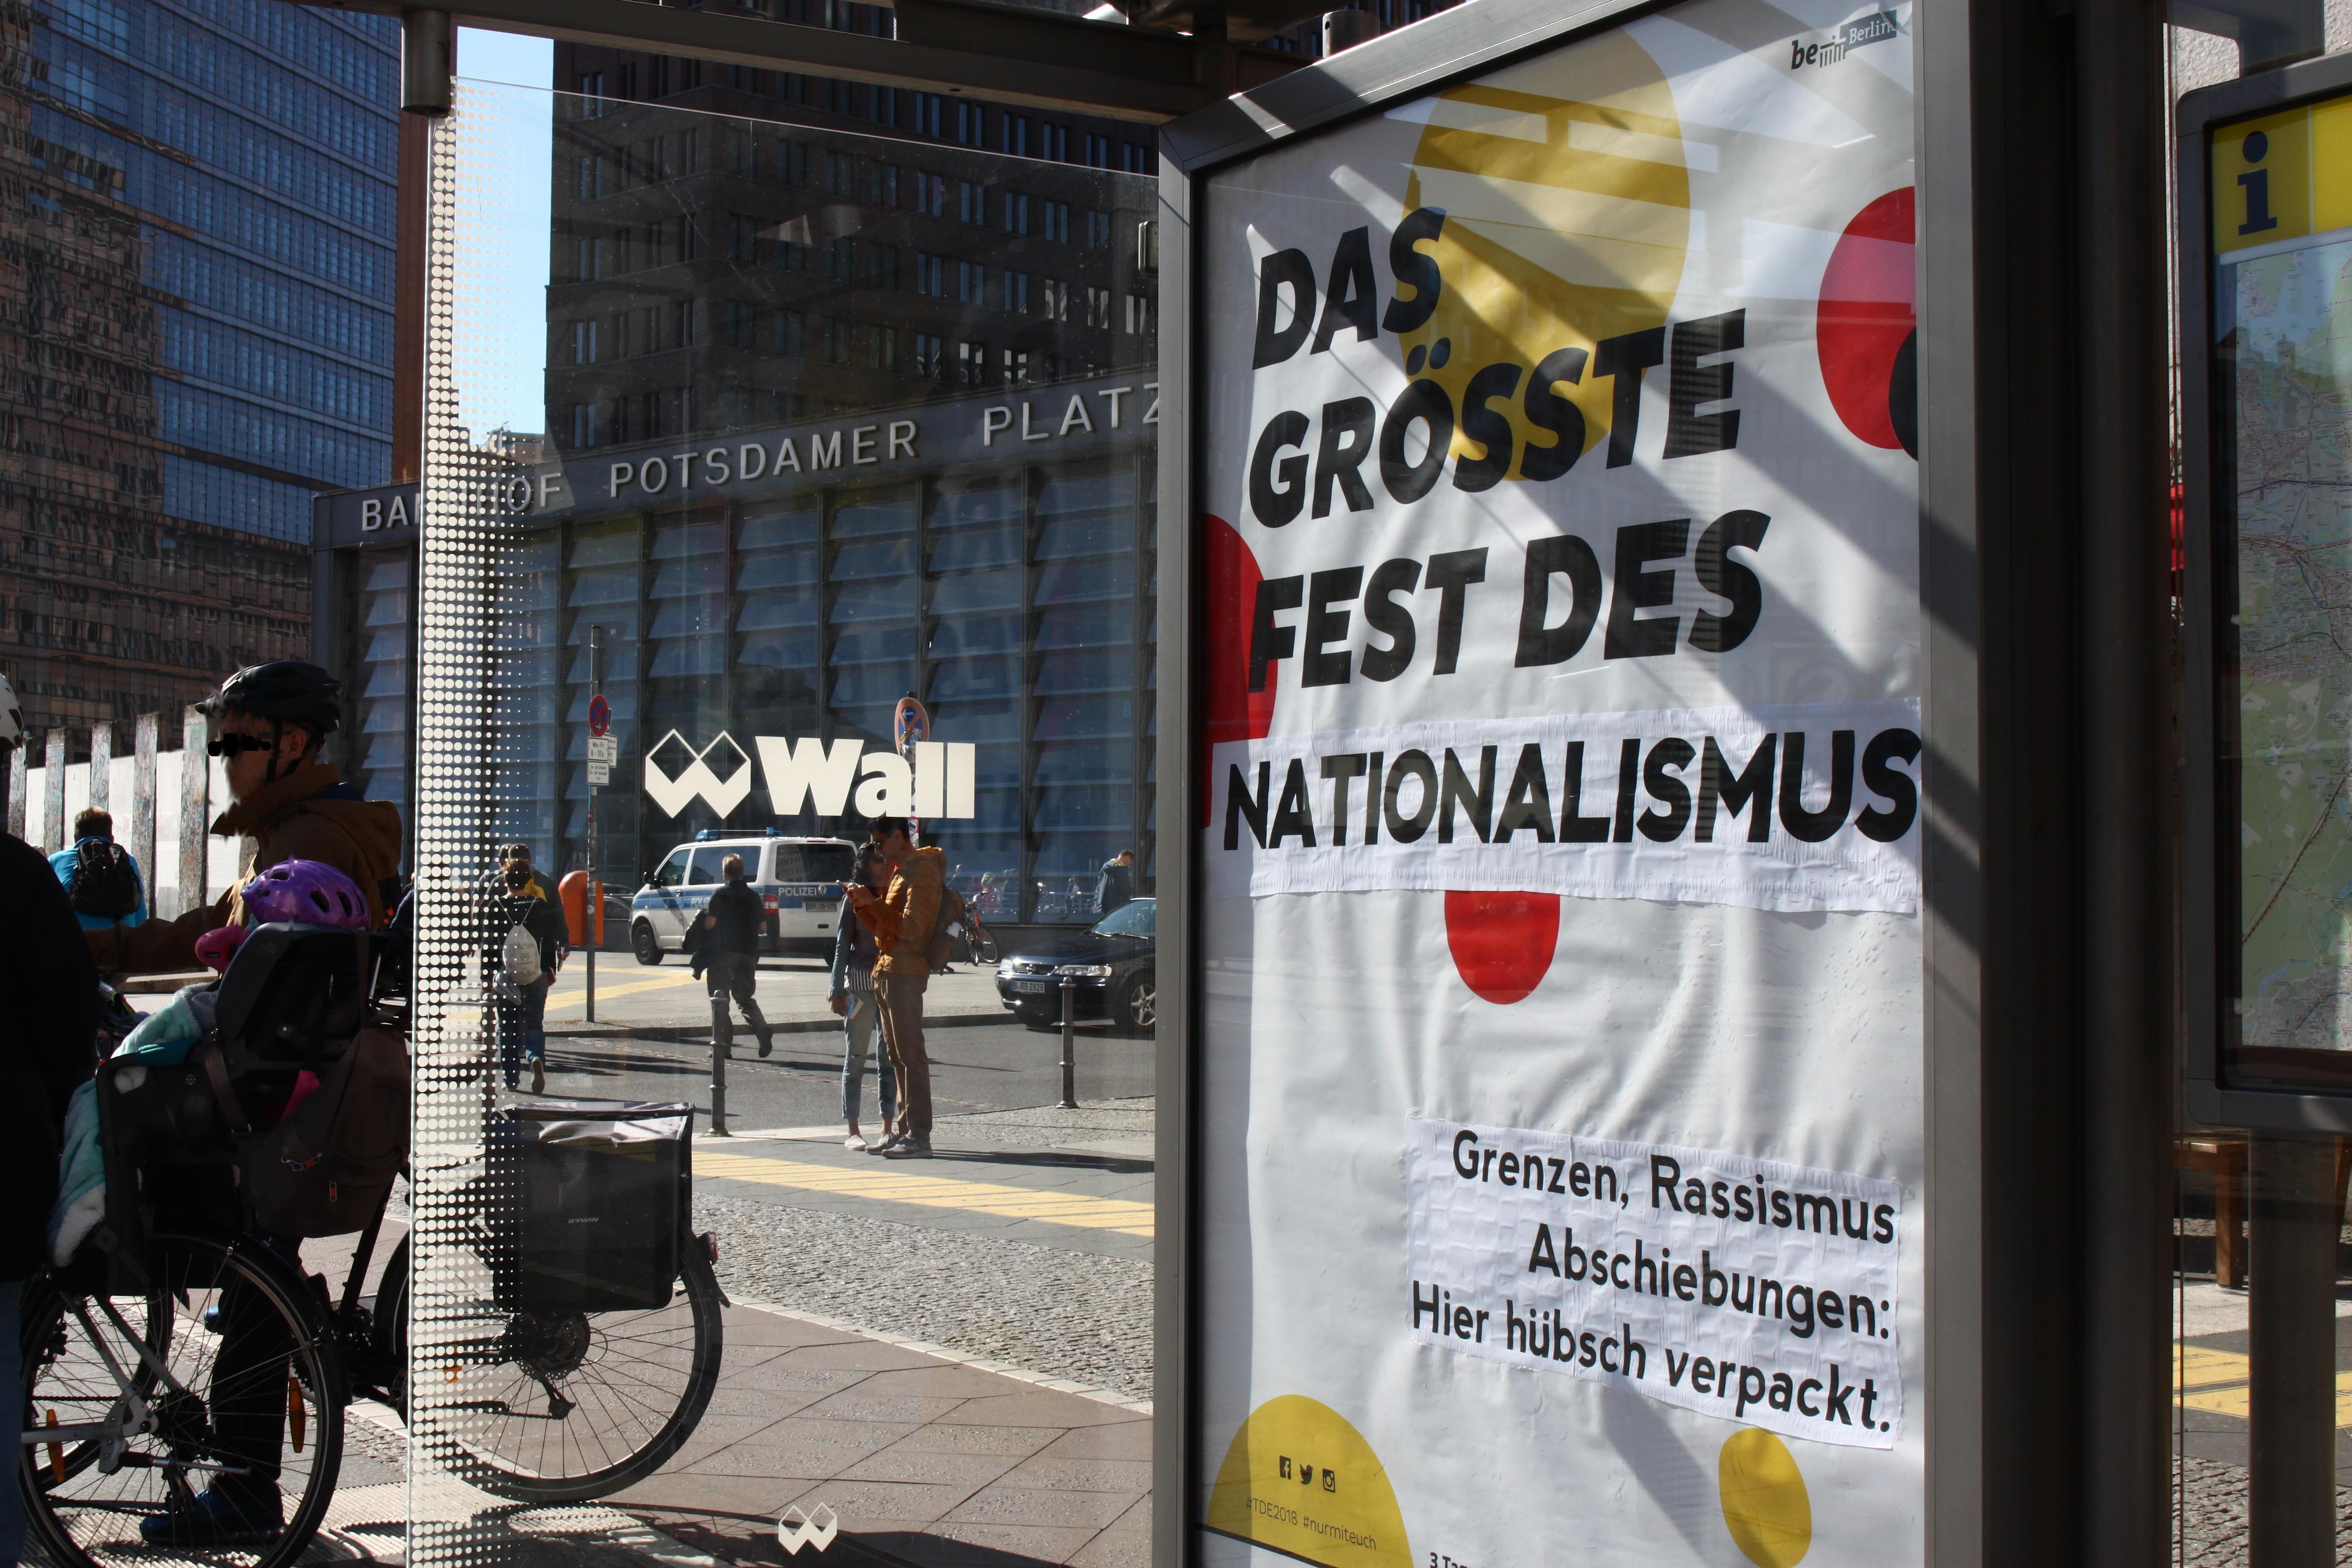 Adbusting am Potsdamer Platz gegen die Einheitsfeier